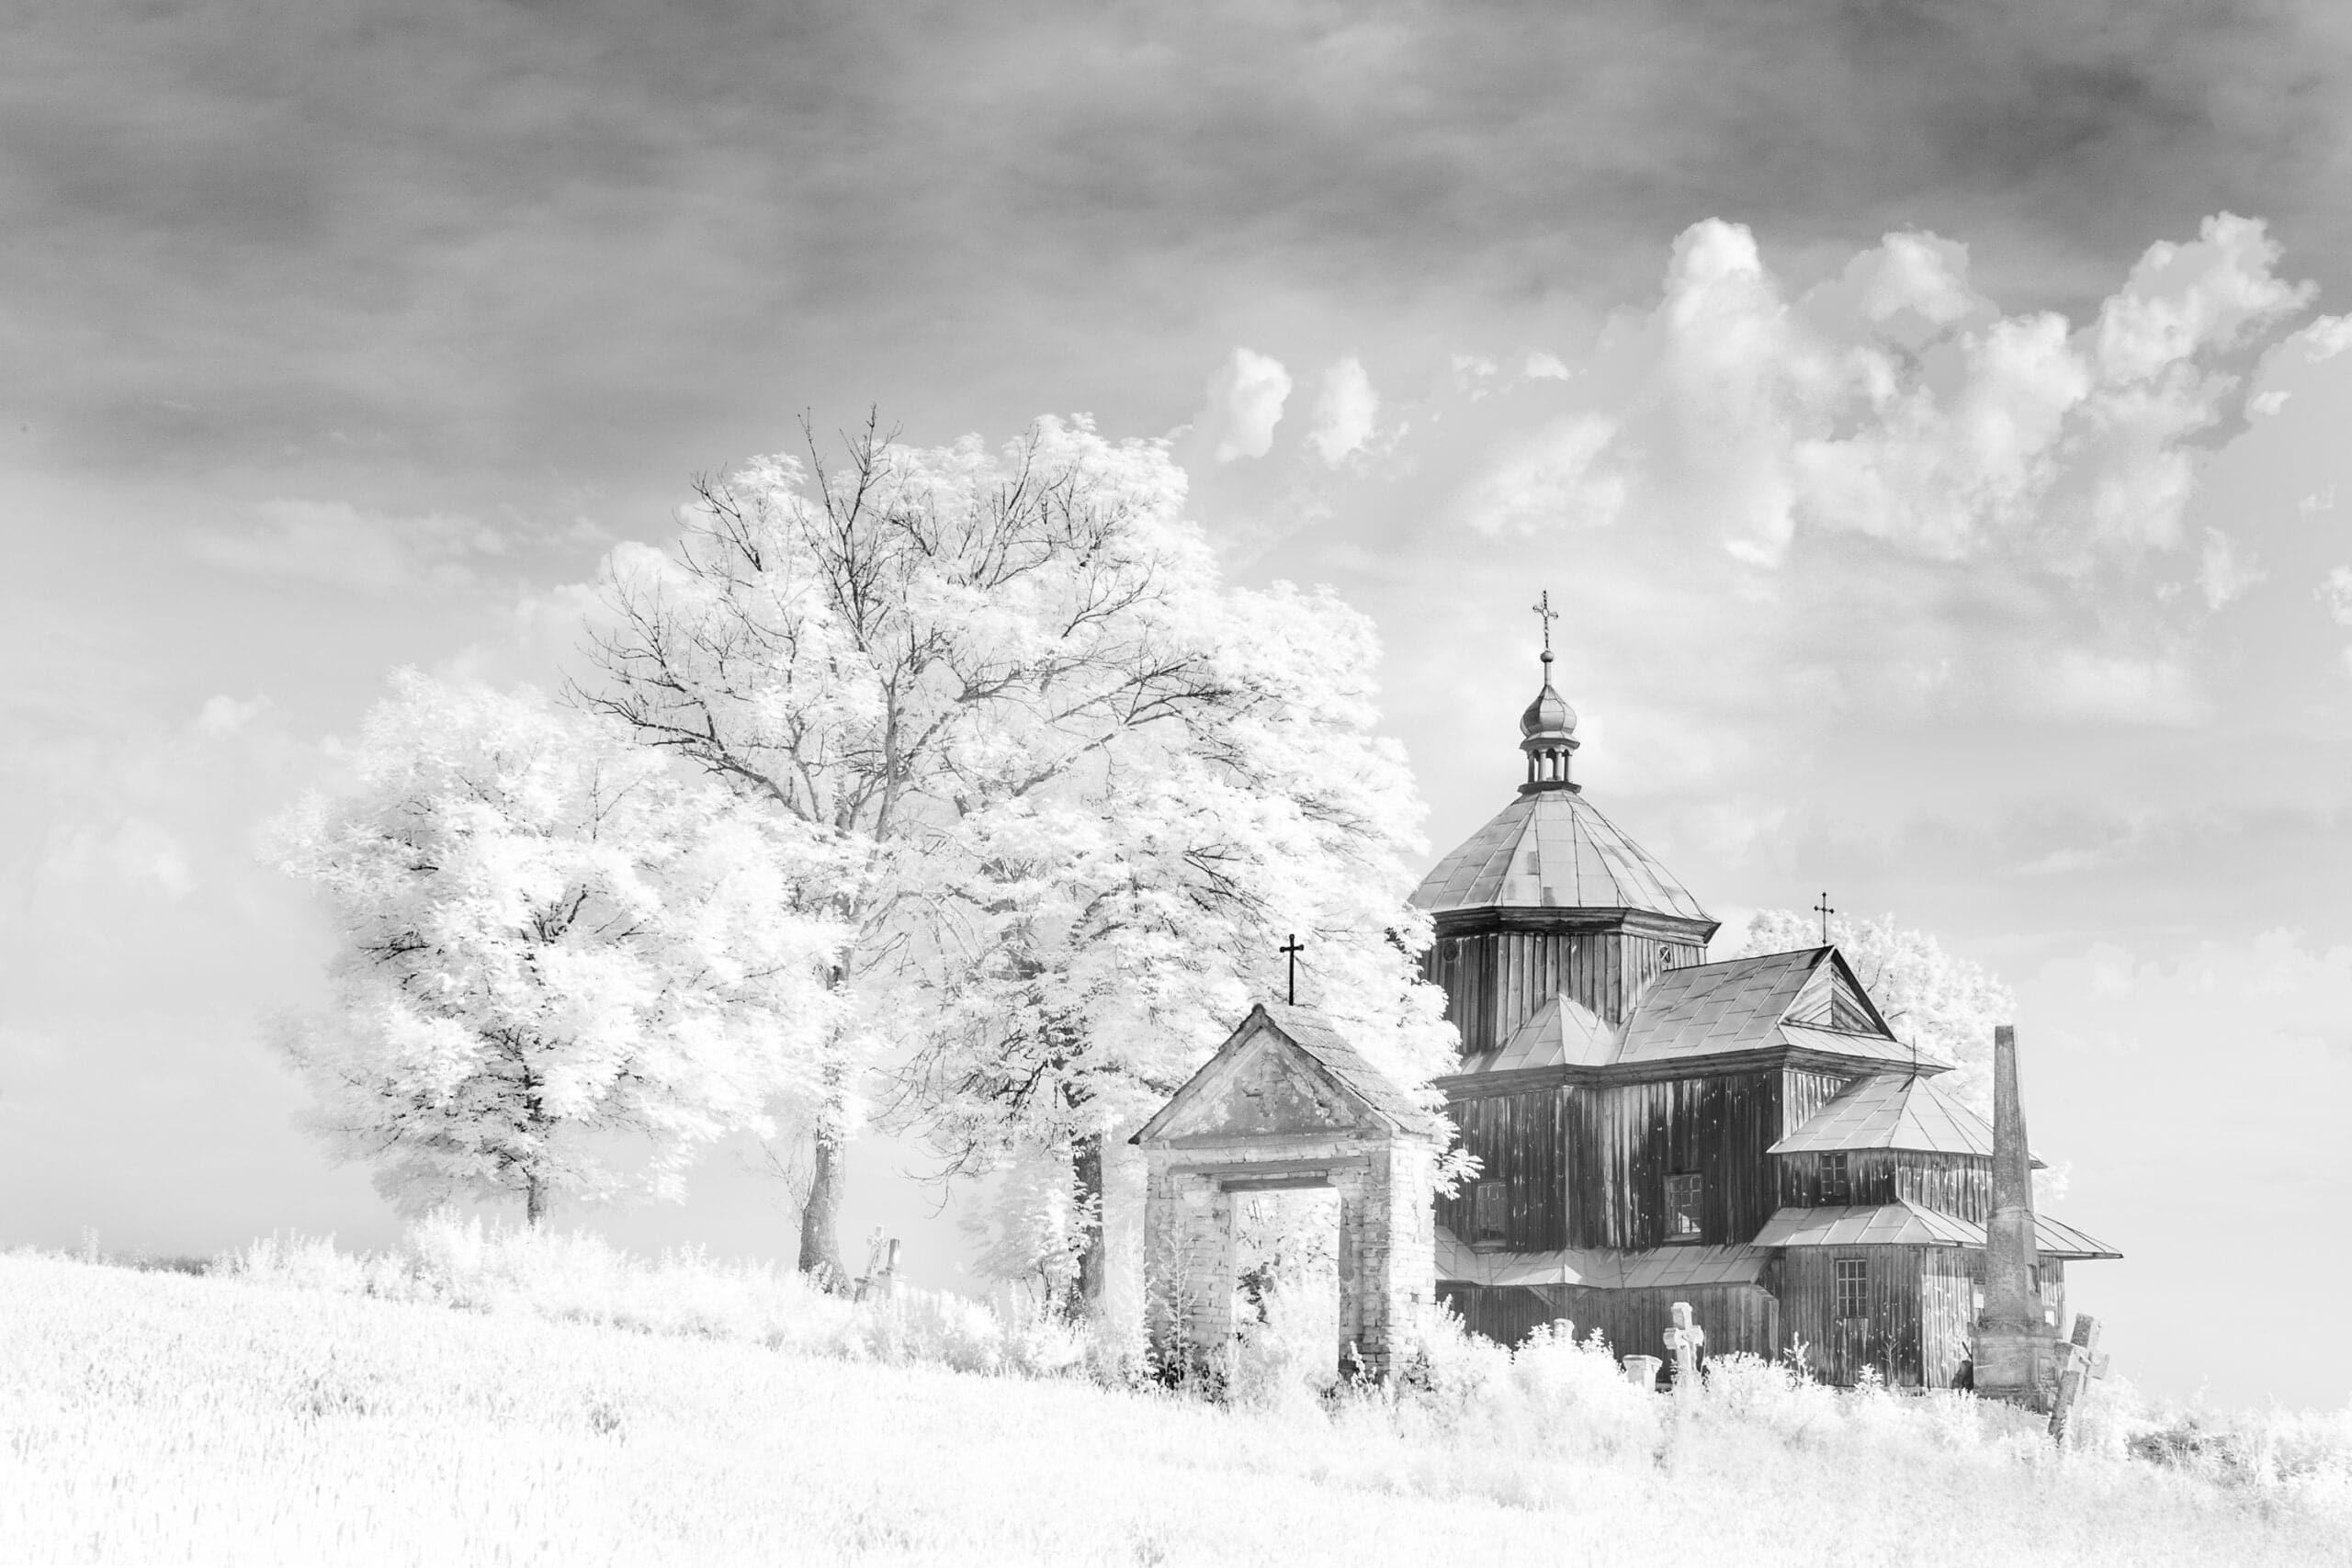 Fot. Alicja Przybyszowska Nowy Sącz